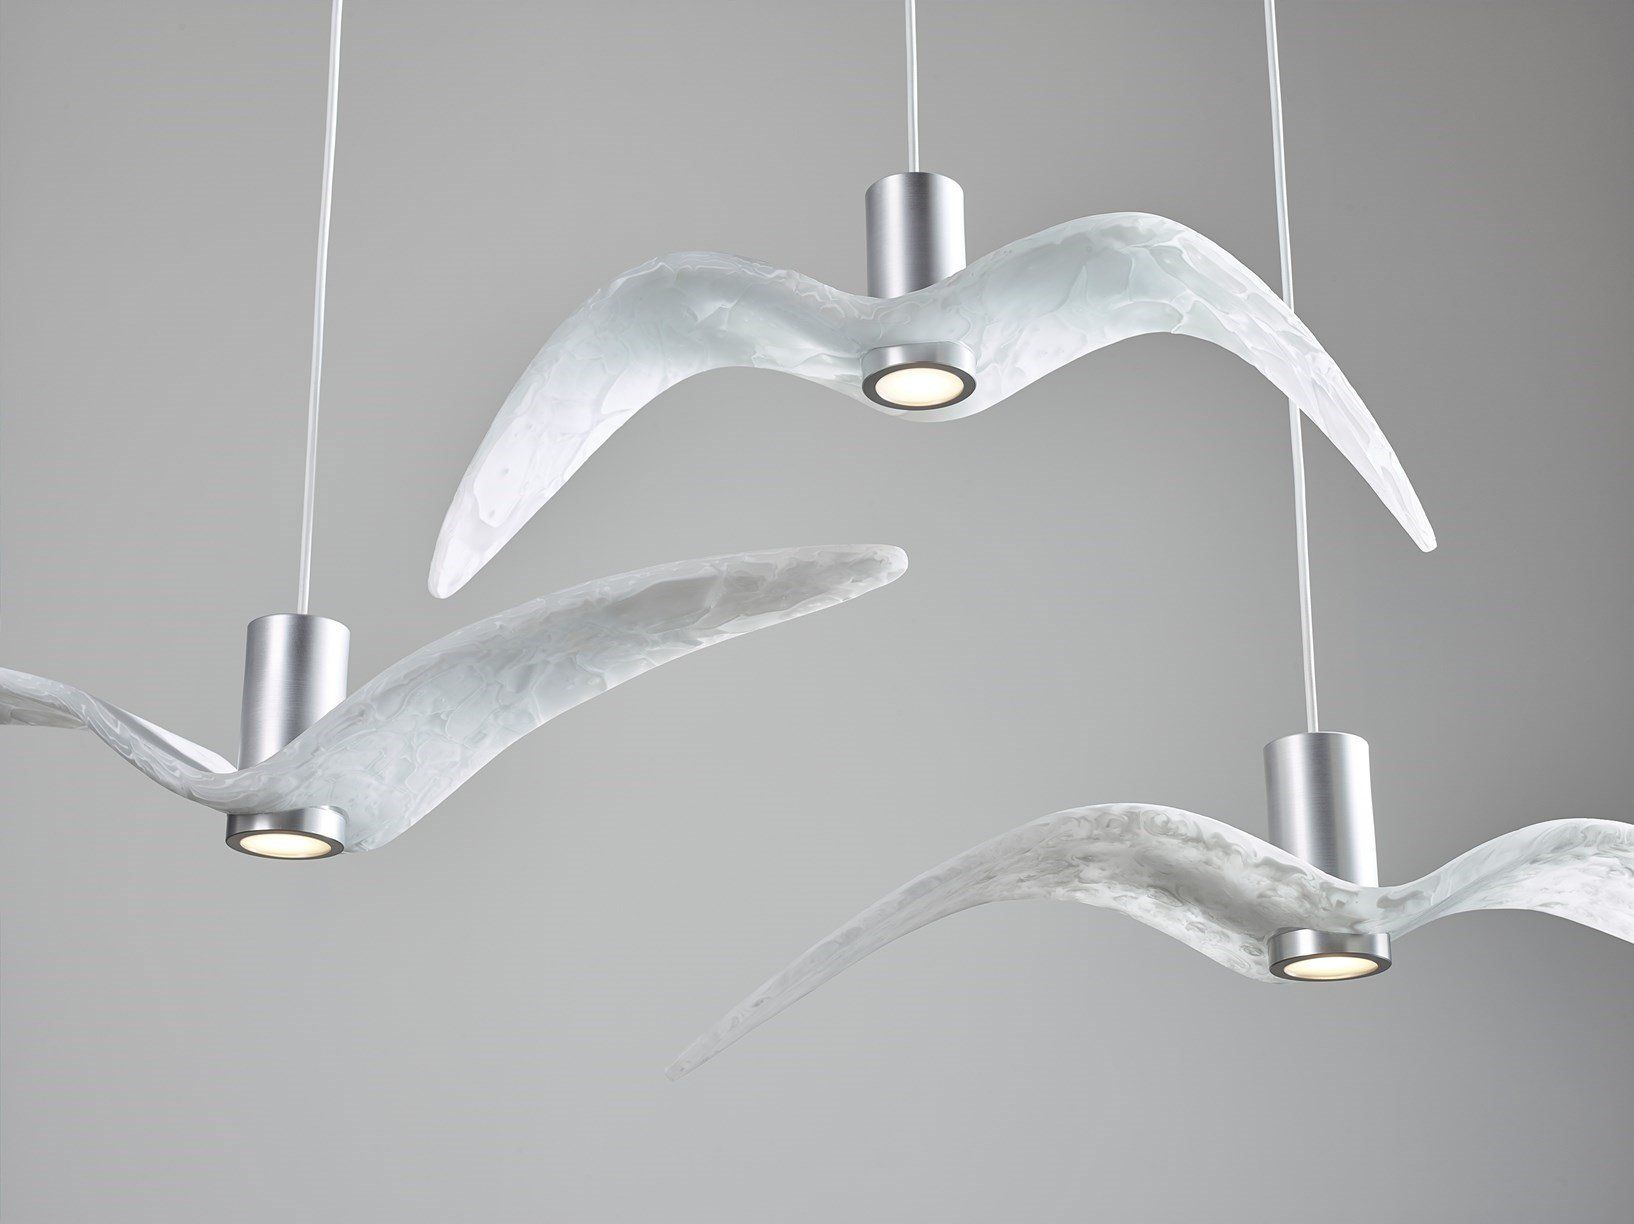 Molatura Vetro Fai Da Te night birds: il vetro riciclato evoca il volo degli uccelli